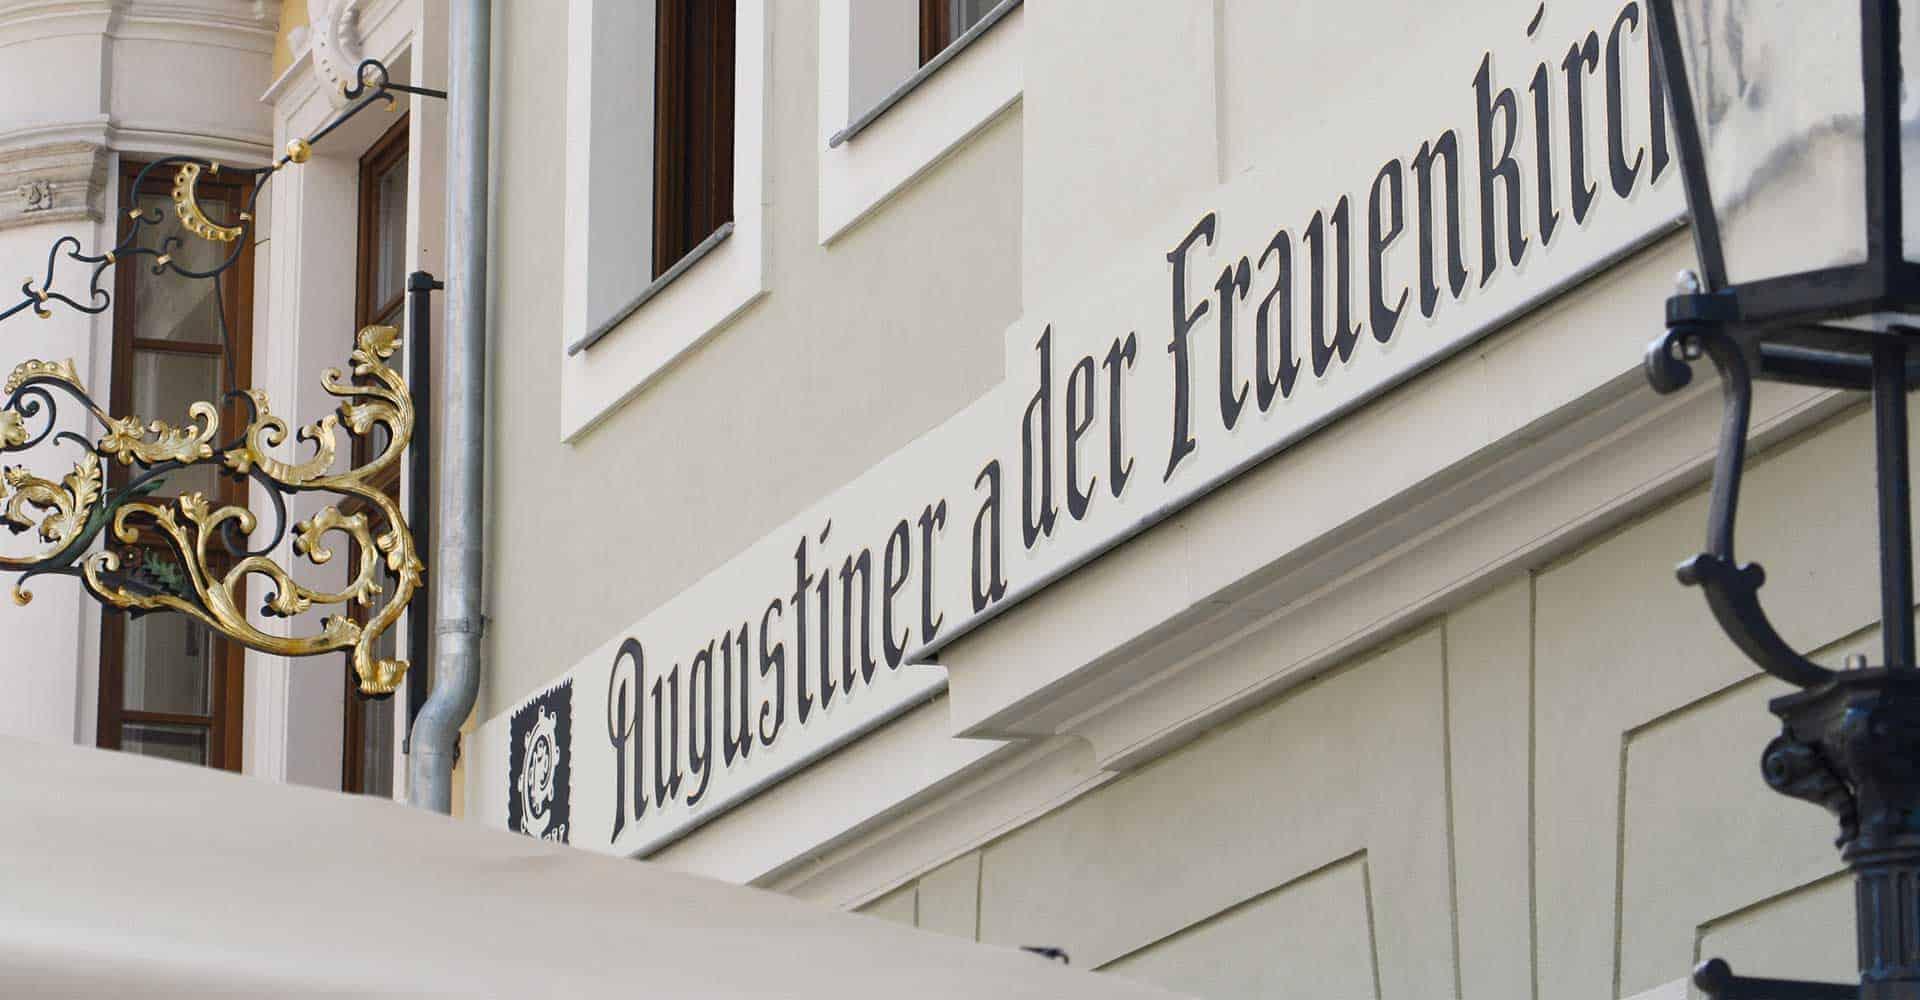 AUGUSTINER AN DER FRAUENKIRCHE | INNENAUSBAU RESTAURANT | Umsetzung der Innenraumgestaltung nach den strengen Richtlinien der Augustiner Brauerei in Kombination mit der sächsischen Kultur.